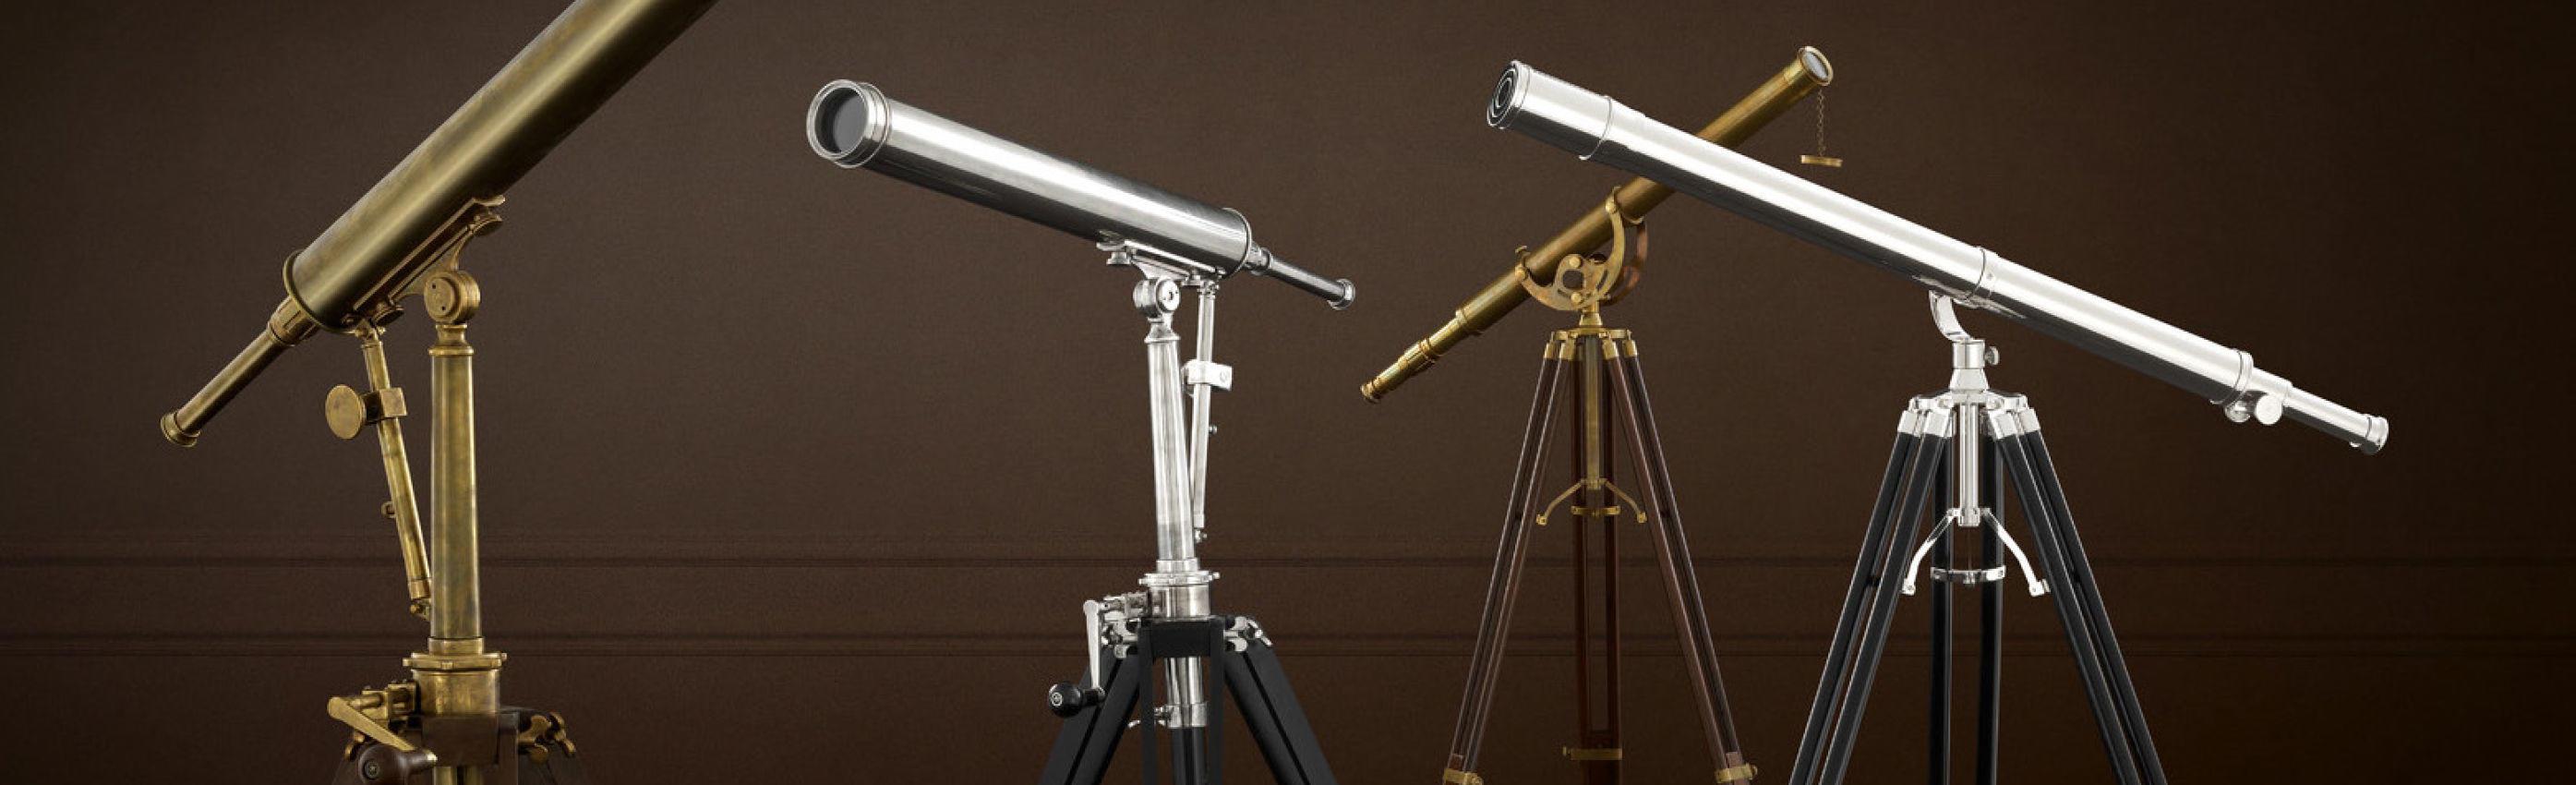 Telescopes, easels & dressboys